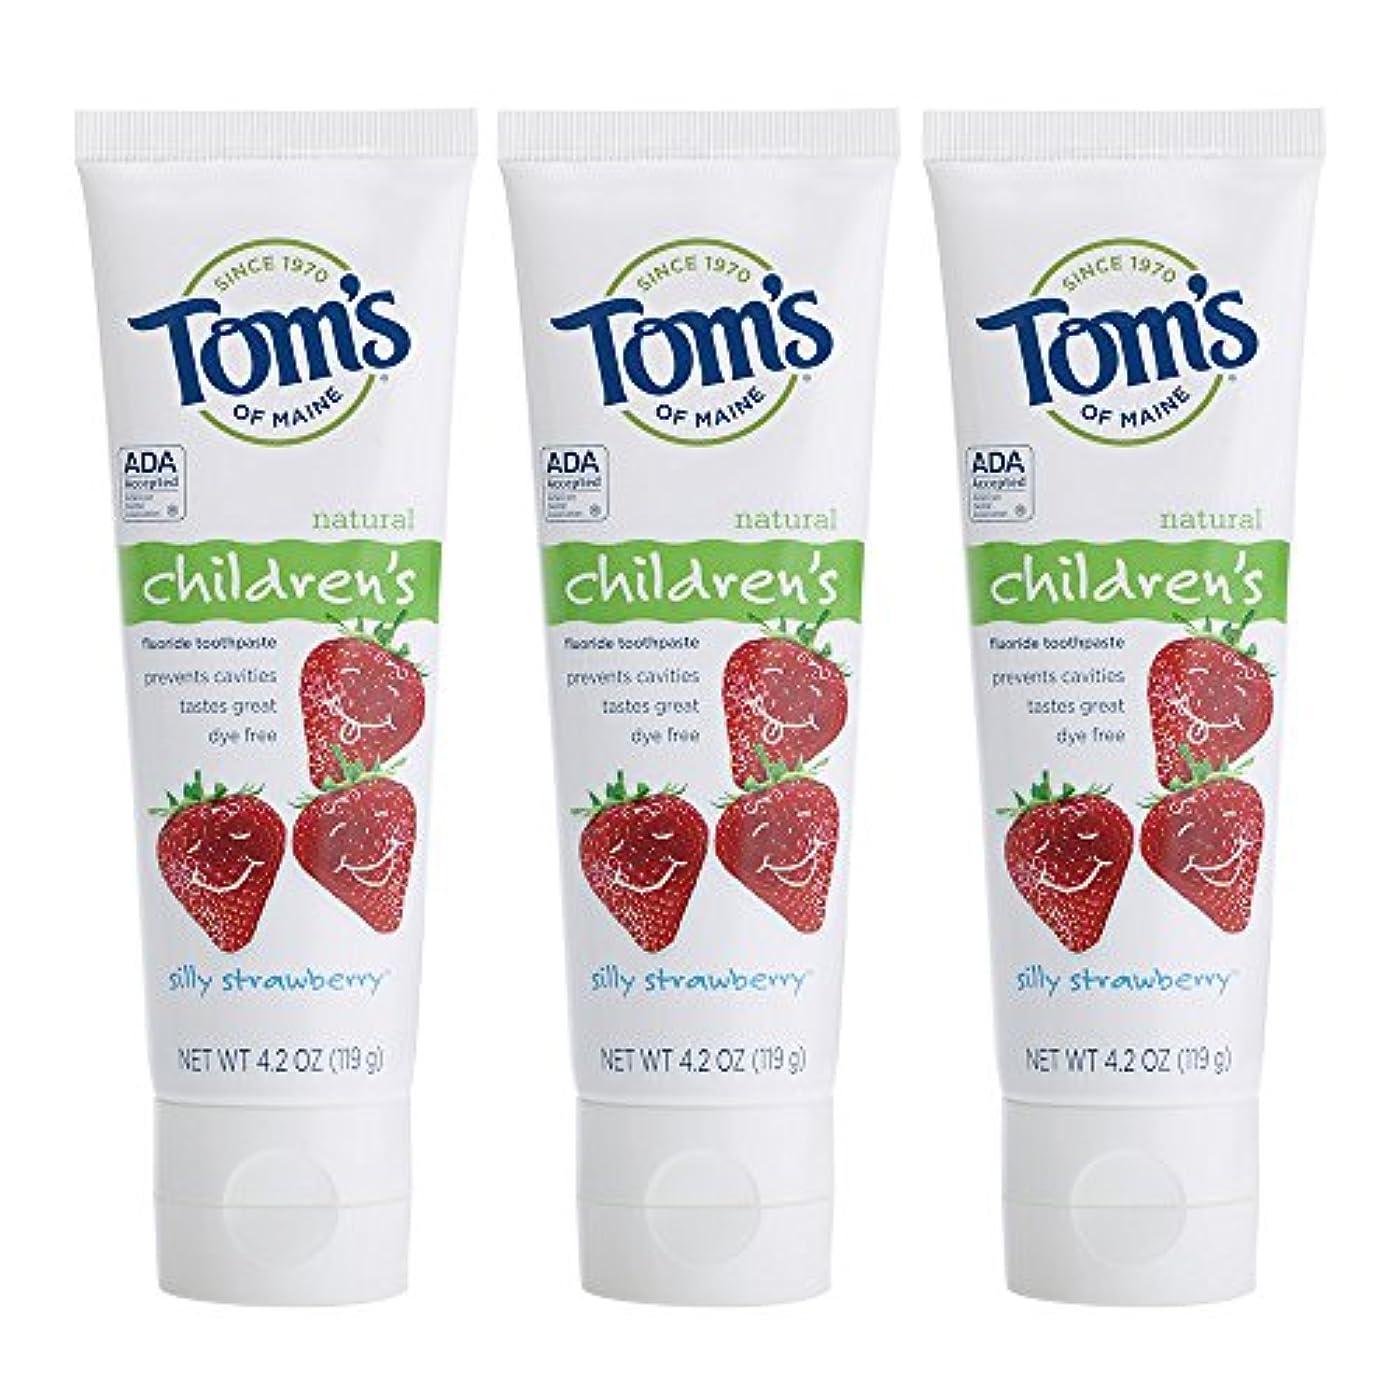 コカイン反対関係するTom's of Maine, Natural Children's Fluoride Toothpaste, Silly Strawberry, 4.2 oz (119 g)